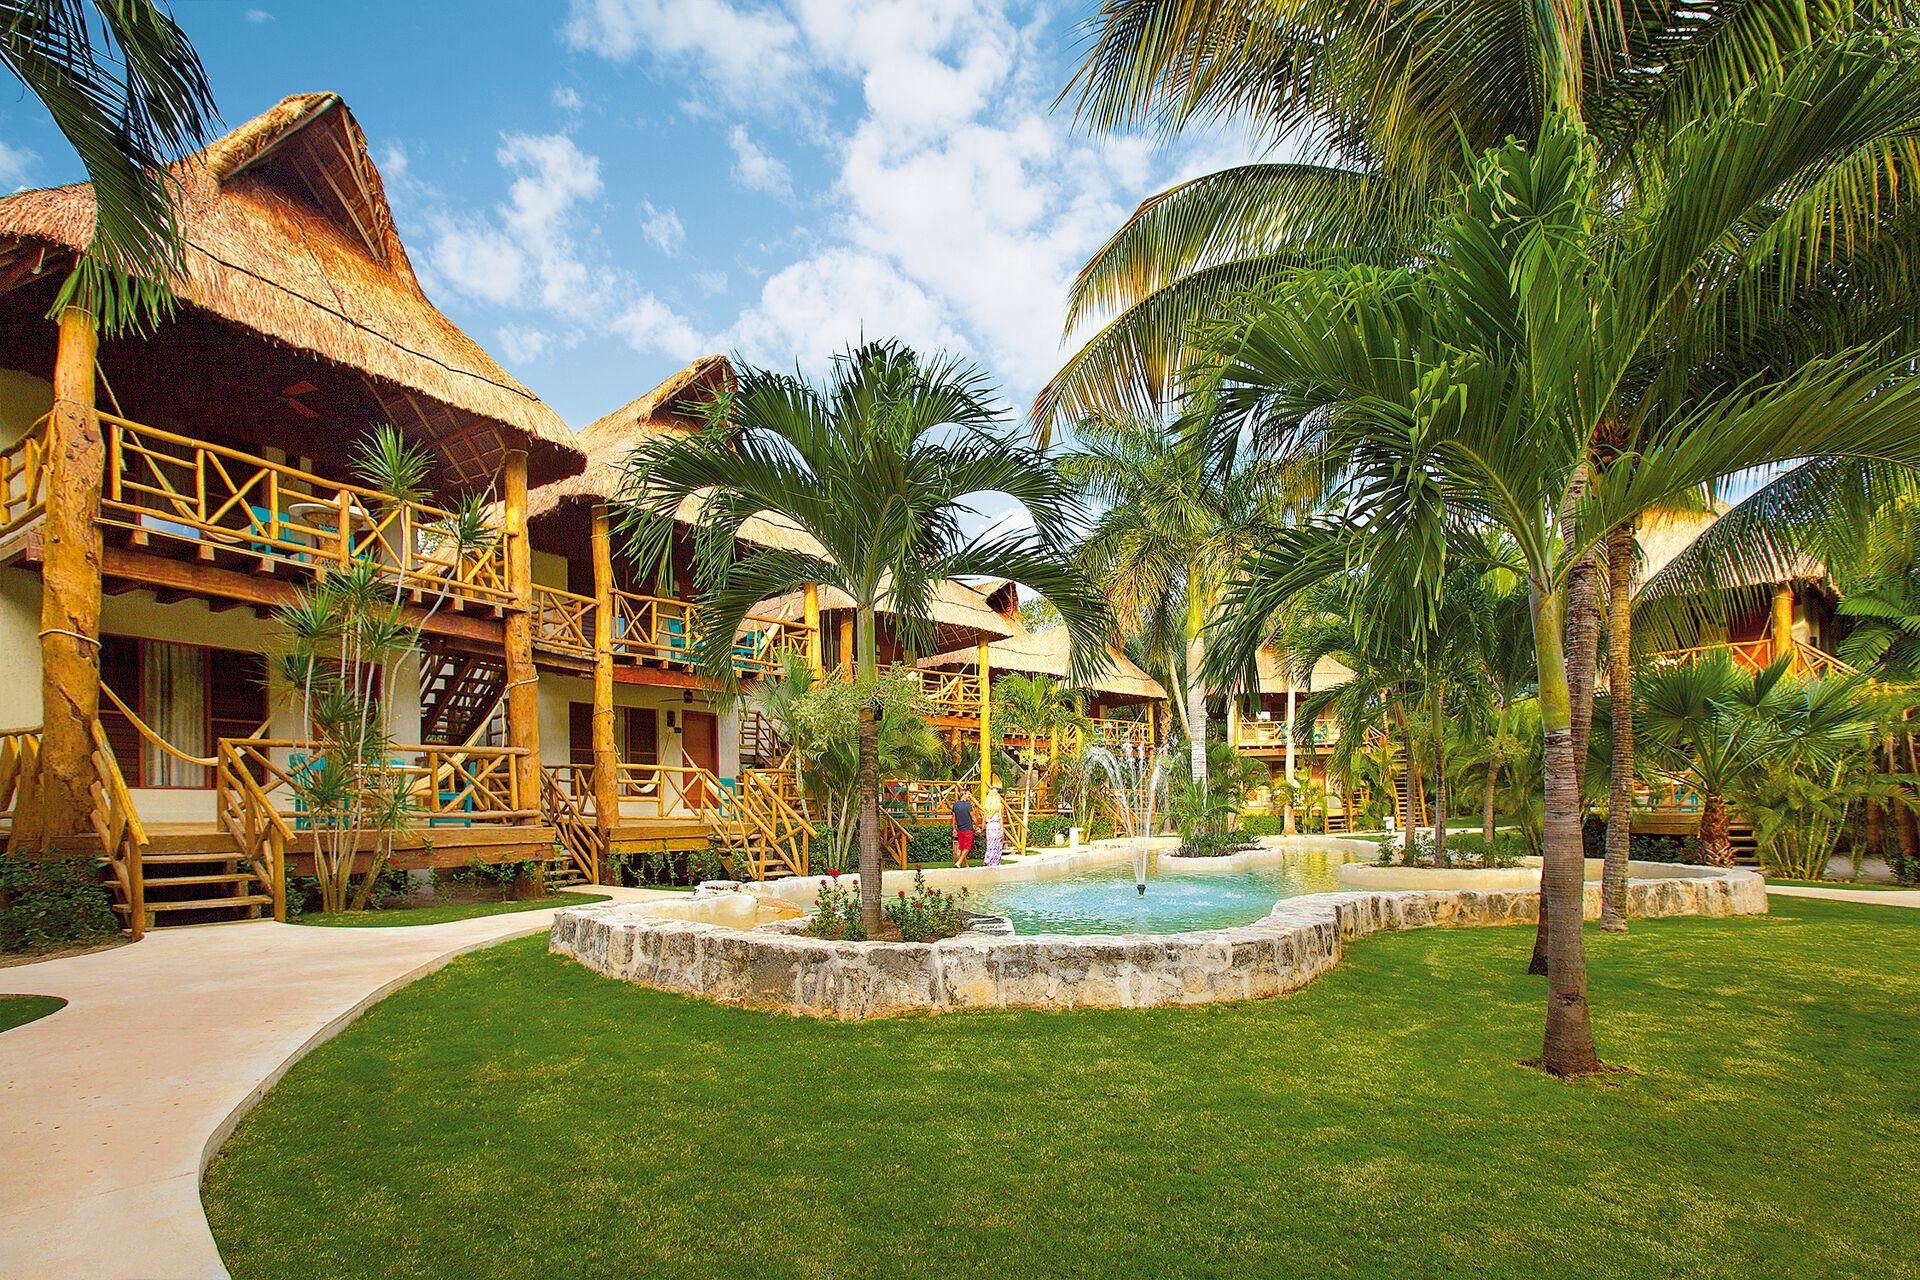 Voyage Amérique Centrale - Mahekal Beach Resort - 4*